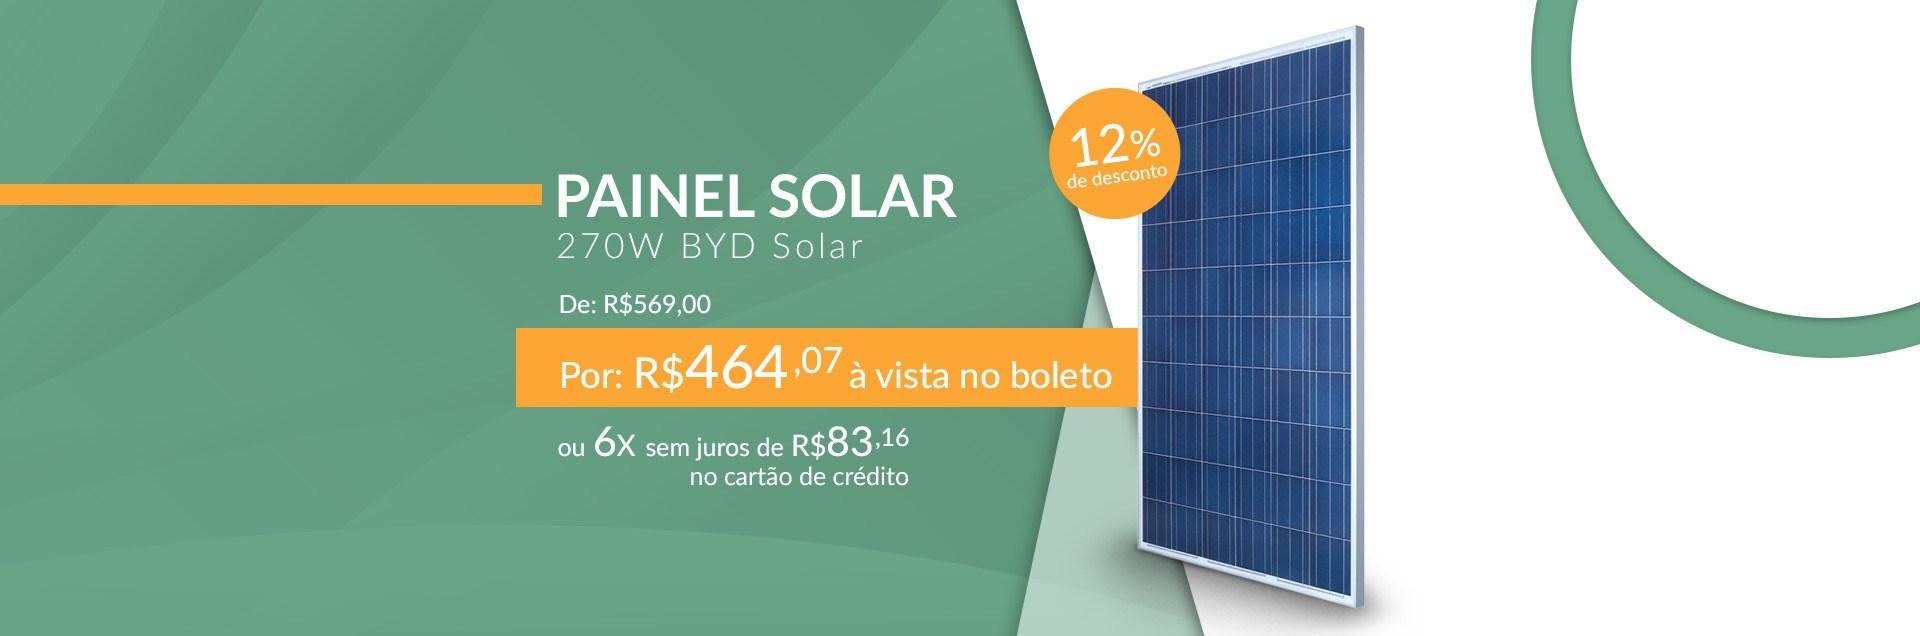 Painel Solar 270W BYD Solar